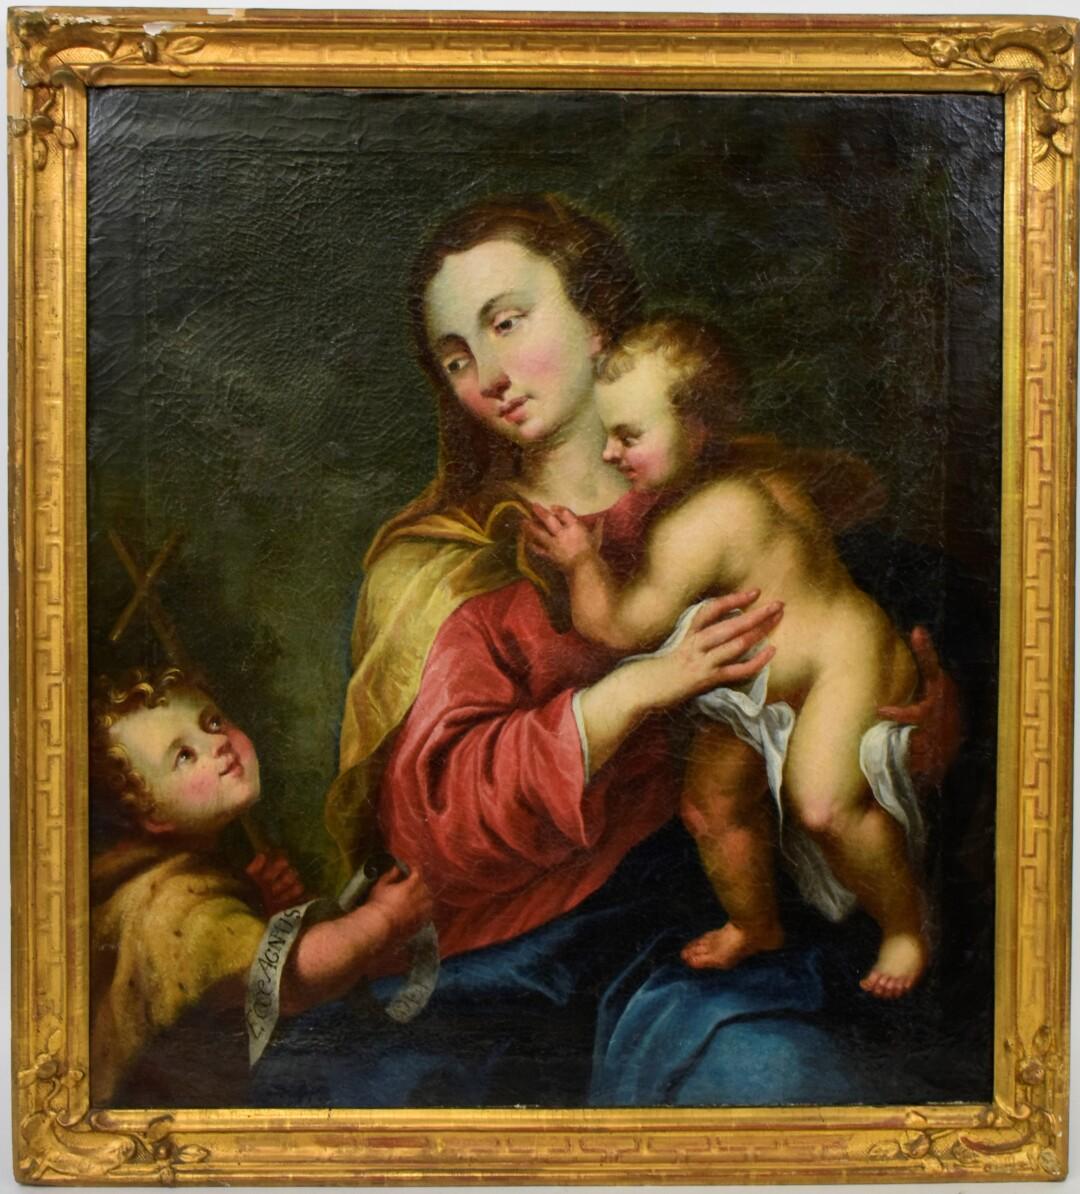 Vente Art Religieux chez Emeraude Enchères : 210 lots